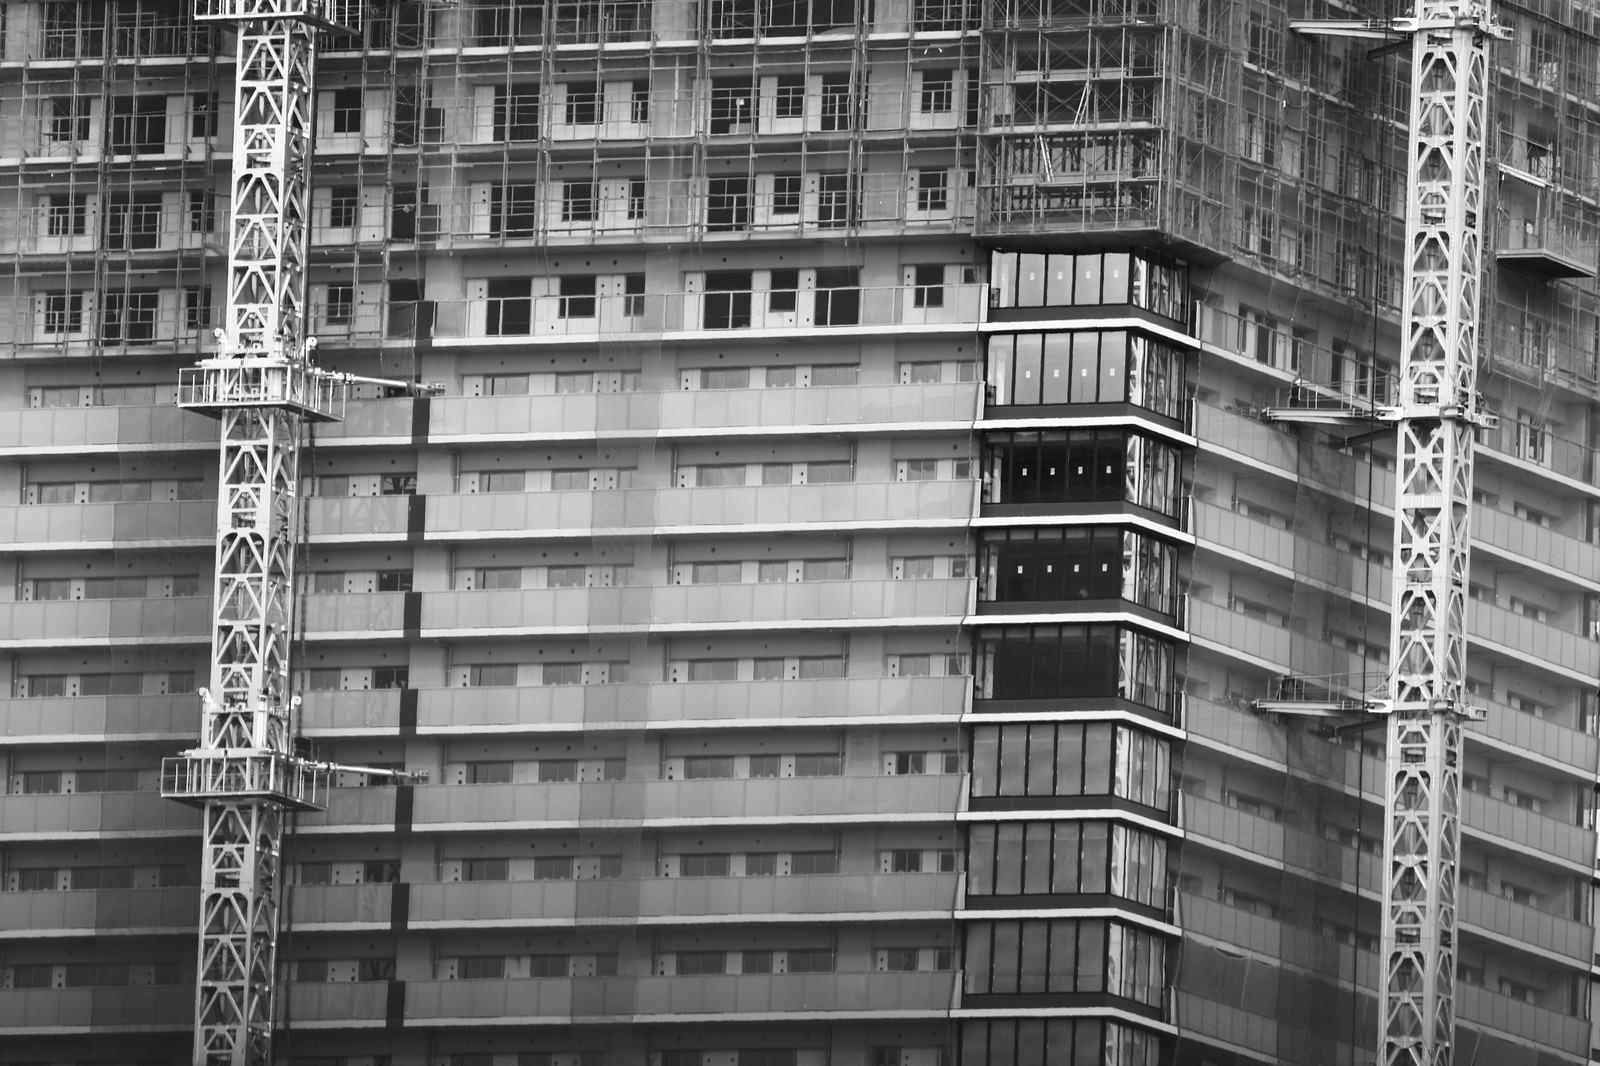 「建設中の高層マンション建設中の高層マンション」のフリー写真素材を拡大